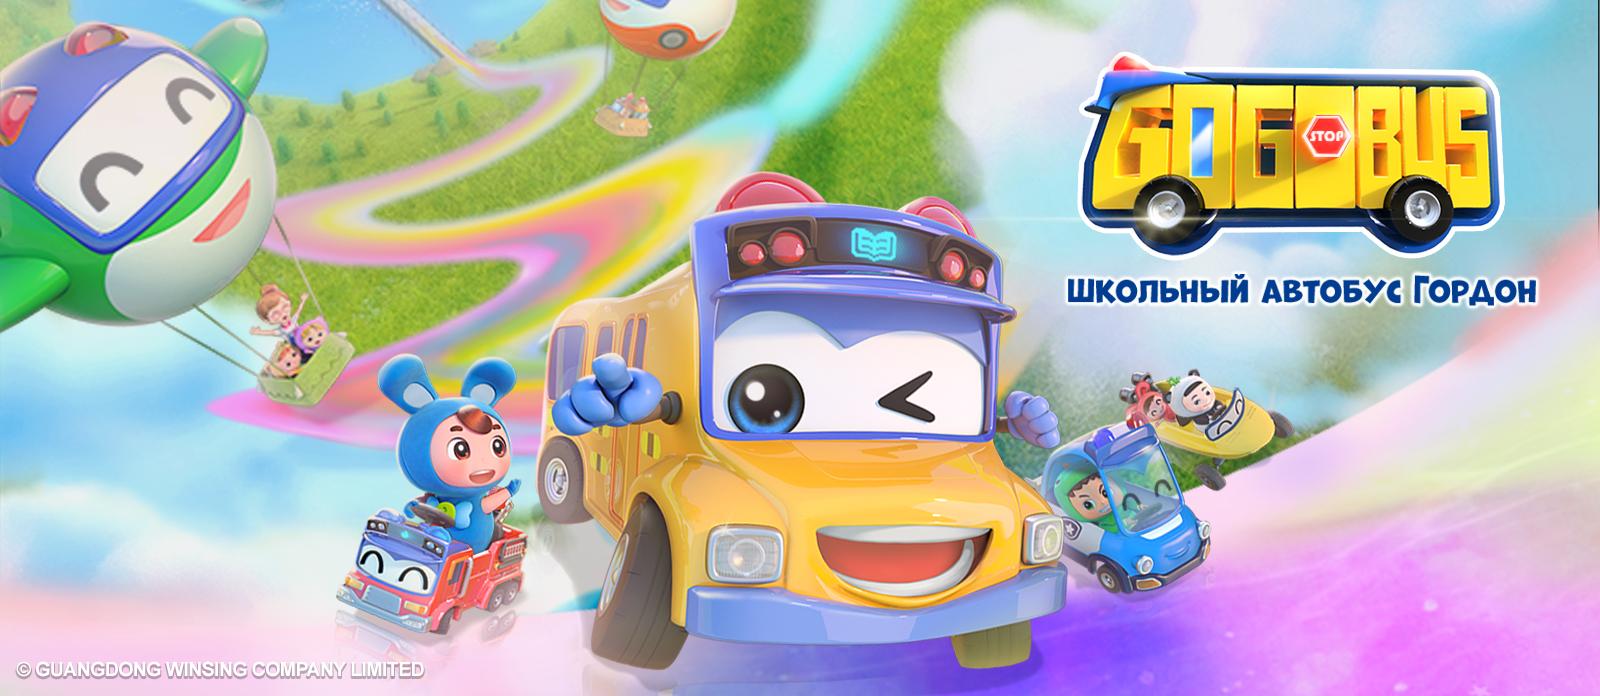 Школьный автобус Гордон